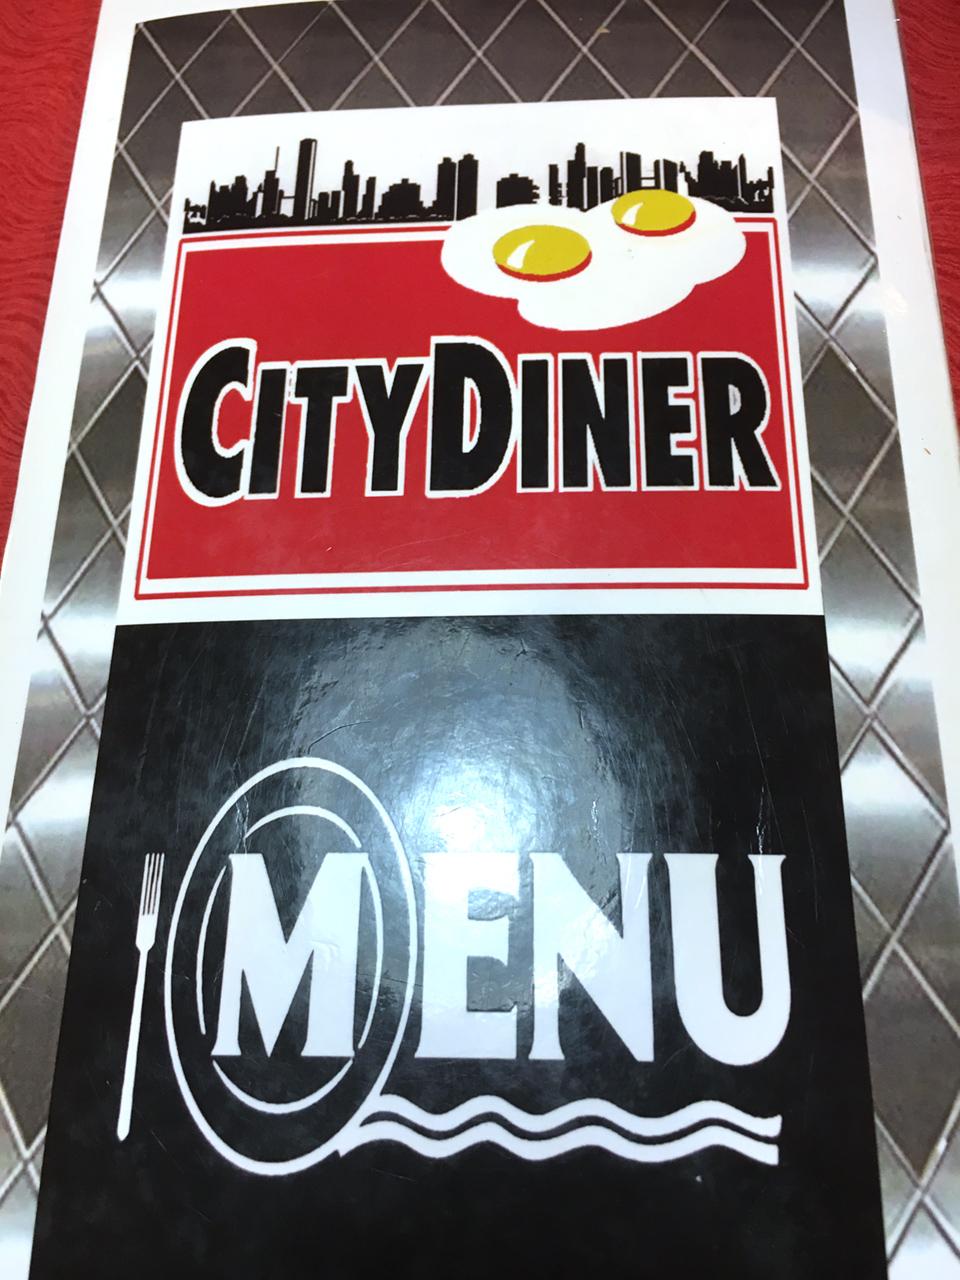 City diner menu